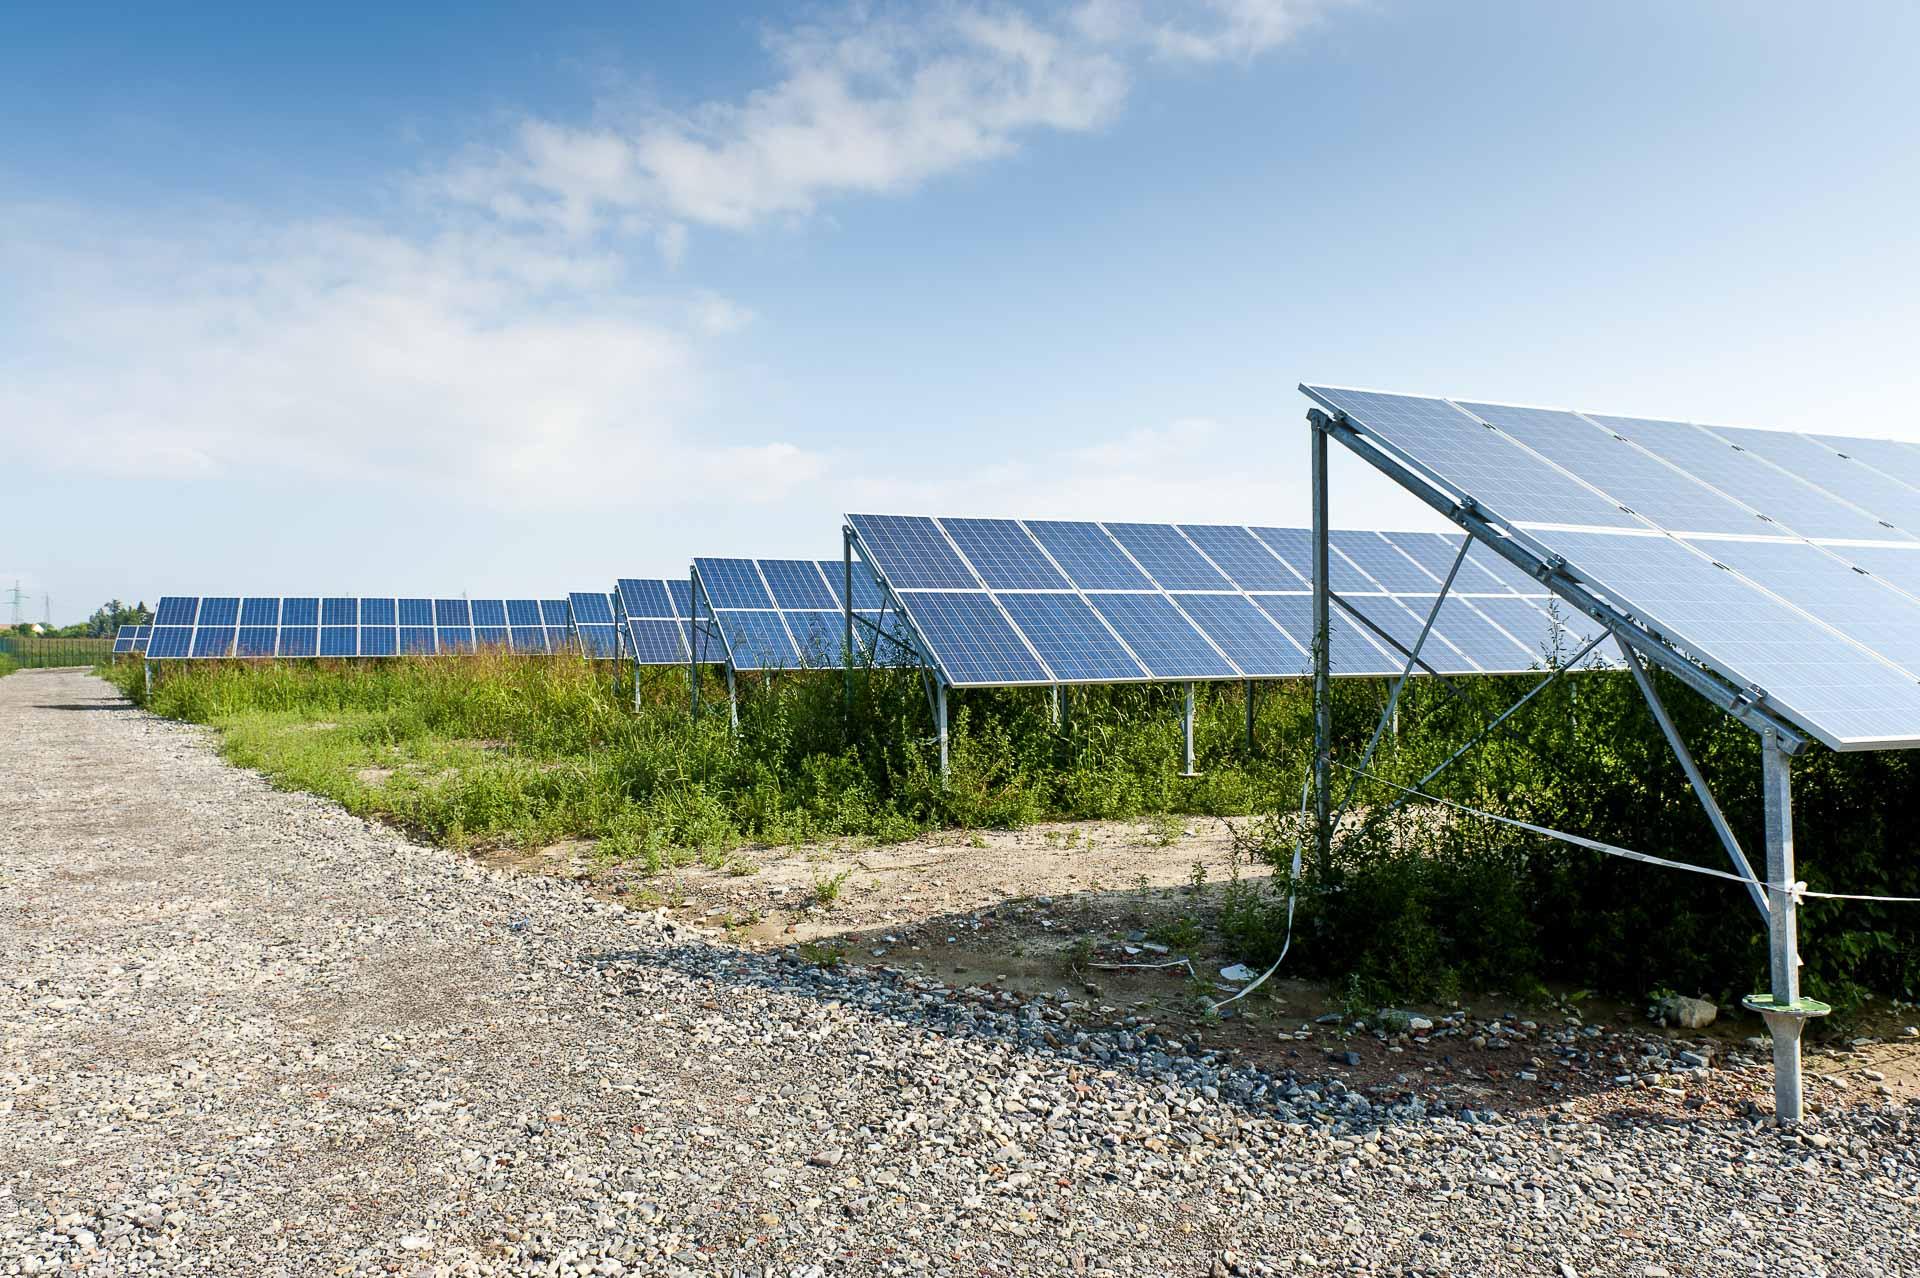 Parco produzione energia dal sole rinnovabile sostenibile Alessandria sud